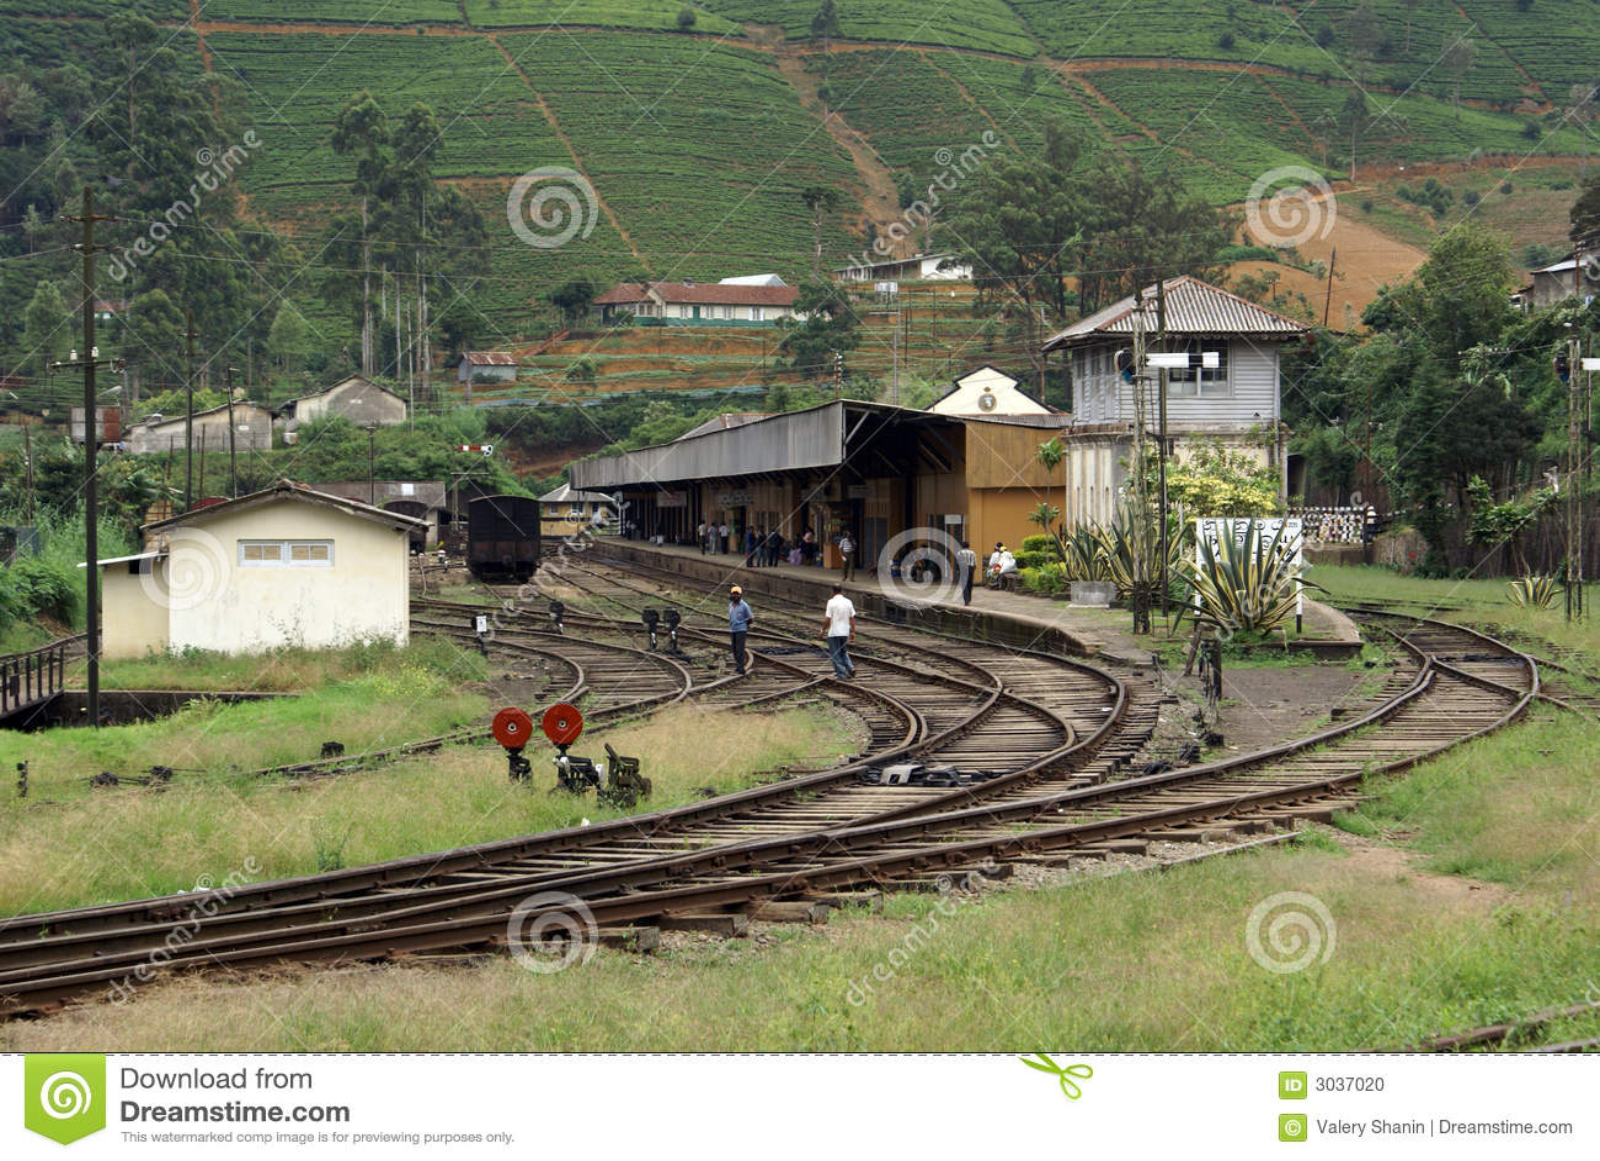 Stazione ferroviaria Nanu Oya